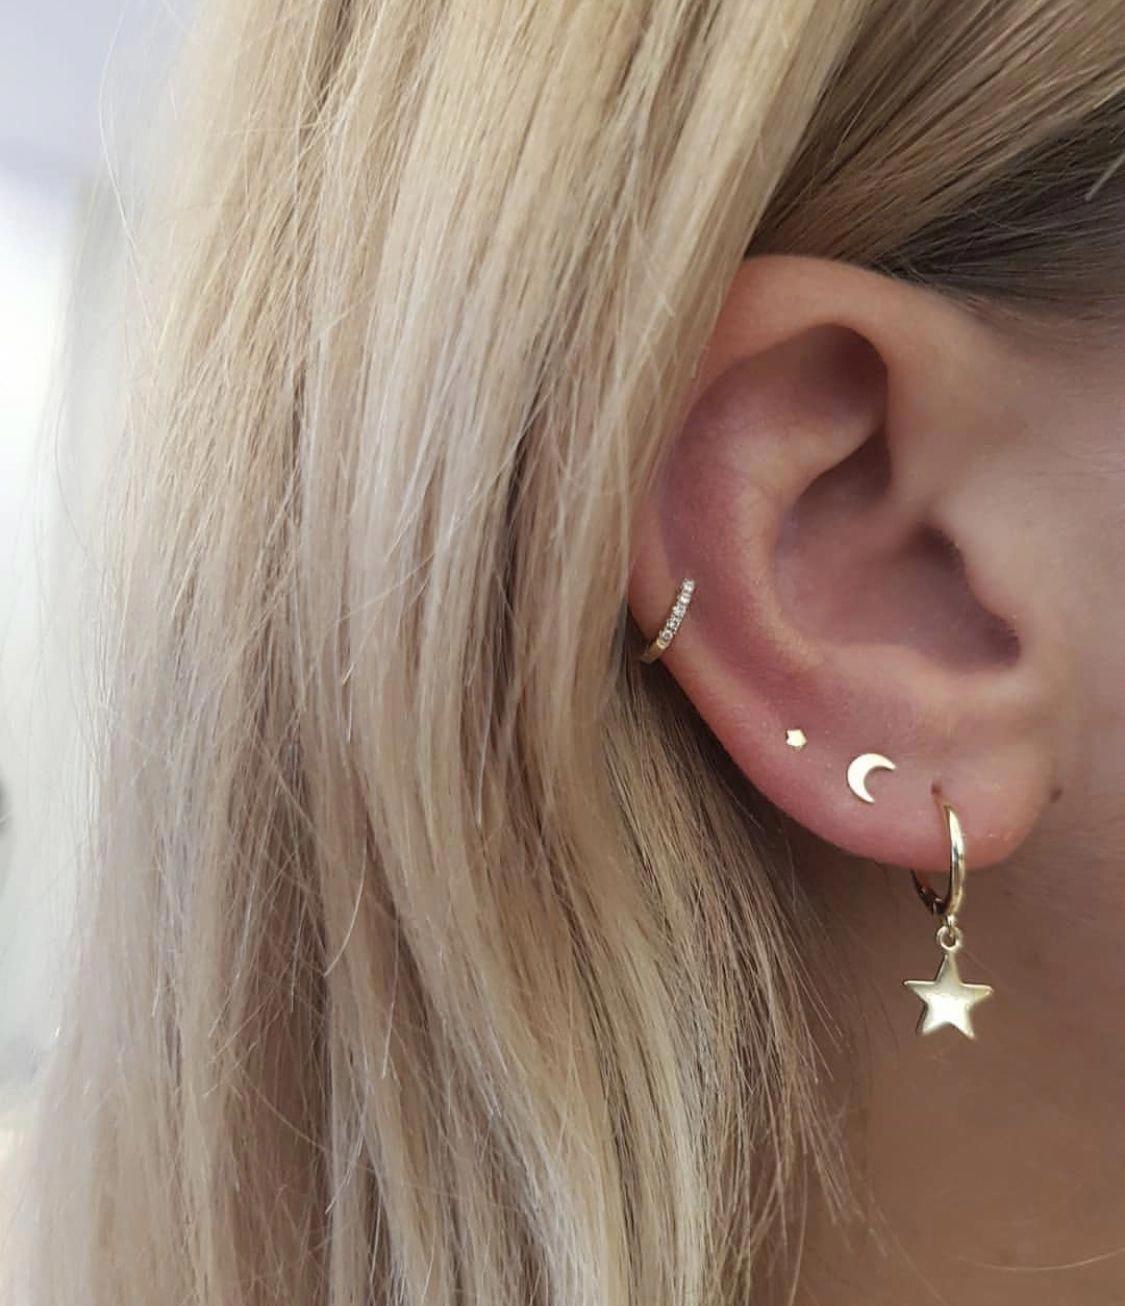 1x Piece of Sterling Silver Dainty Wishbone Post Stud Earring